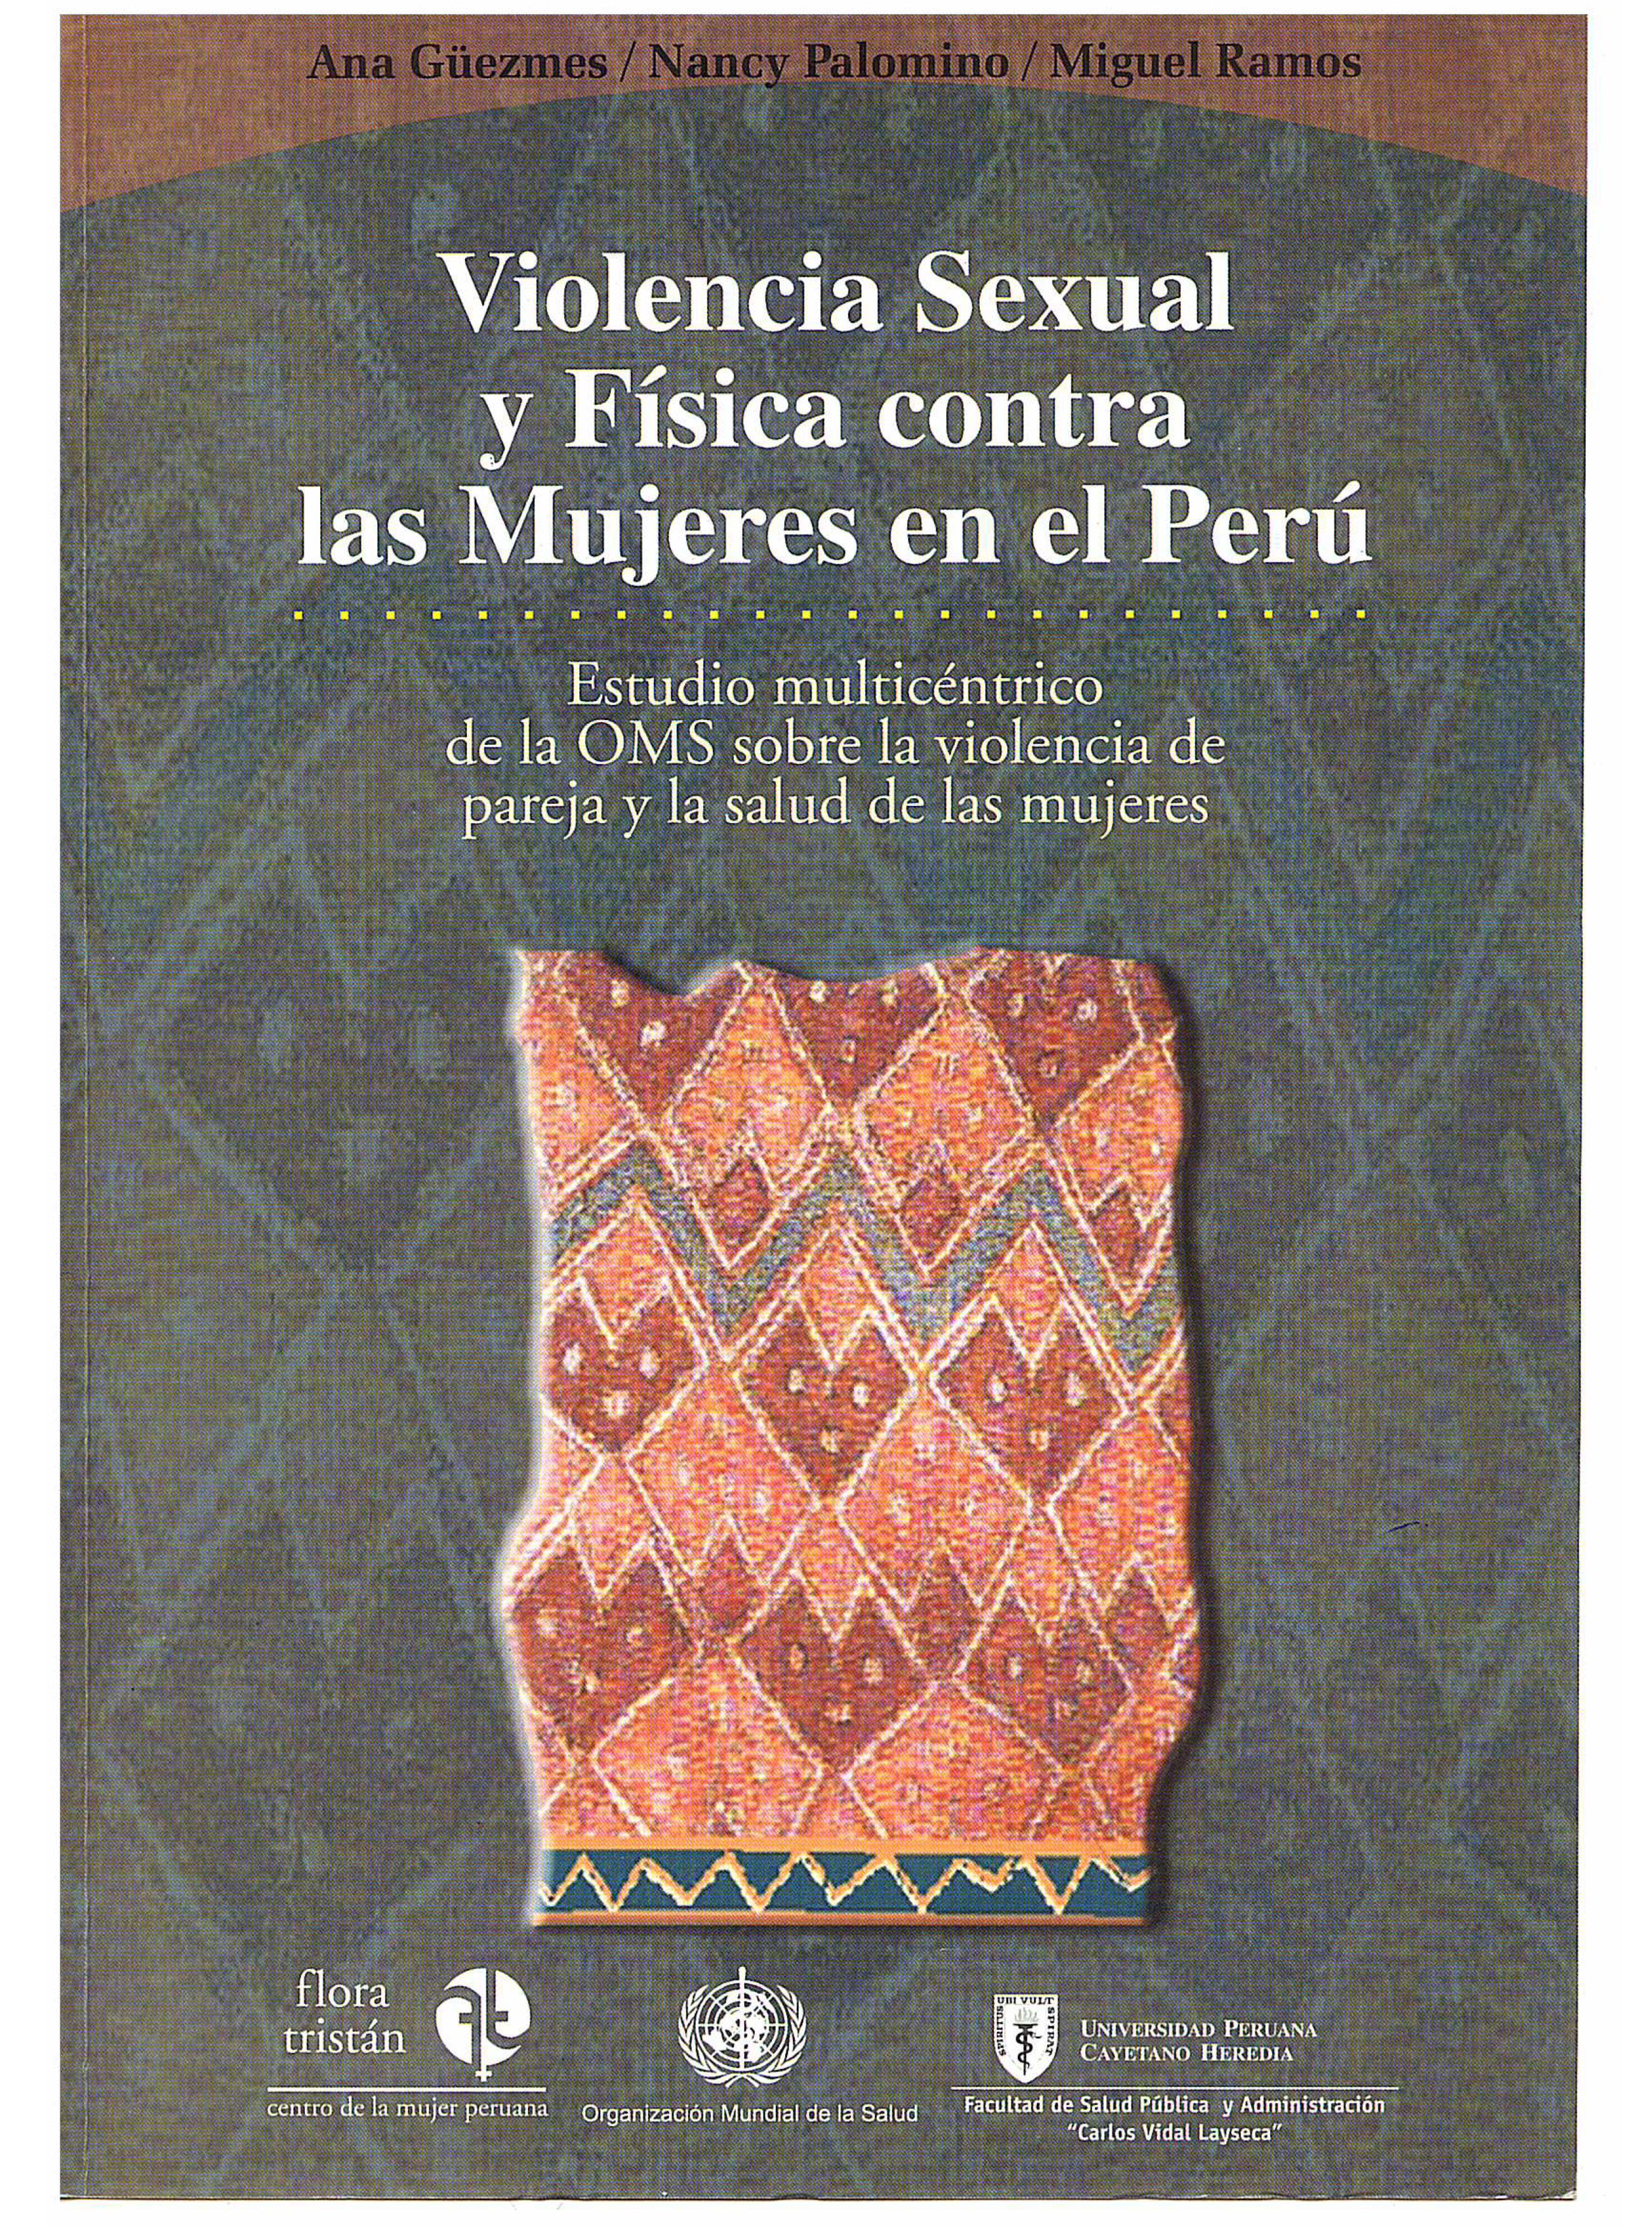 Violencia sexual y física contra las mujeres en el Perú. Estudio multicéntrico de la OMS sobre la violencia de pareja y la salud de las mujeres